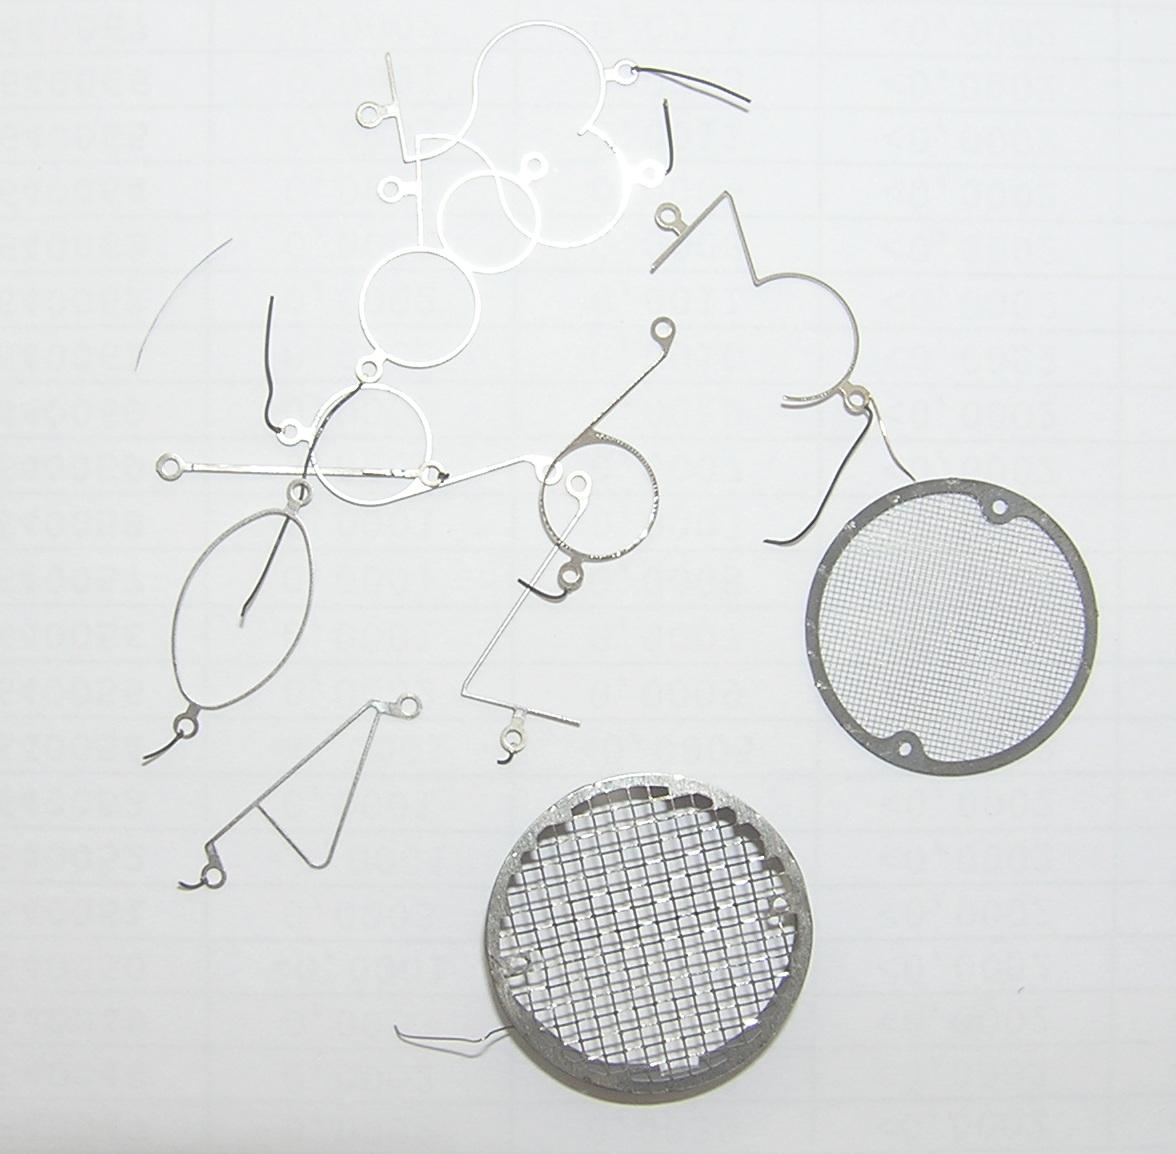 Цифры и управляющие сетки лампы-индикатора сделаны из никеля